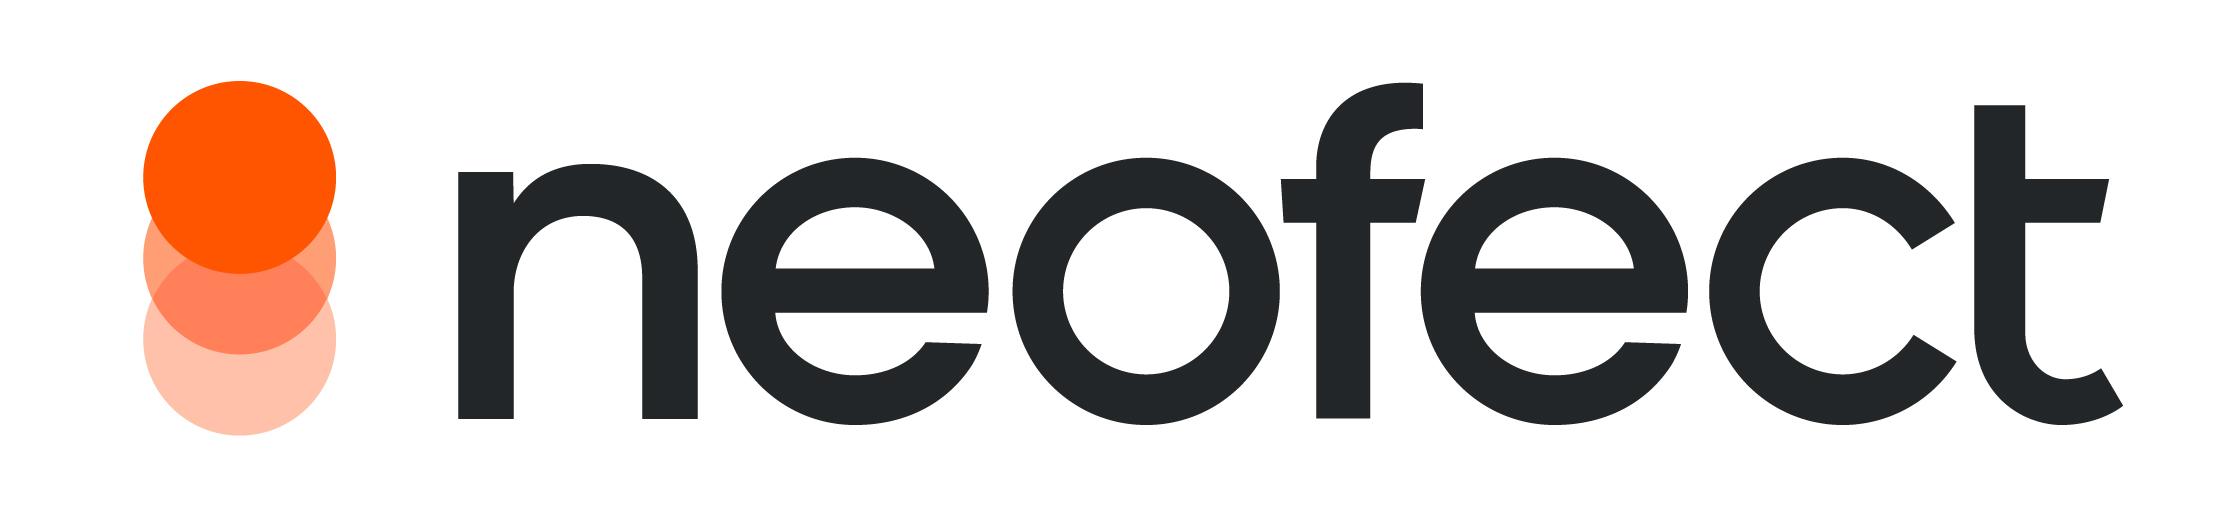 네오펙트의 계열사 (주)네오펙트의 로고